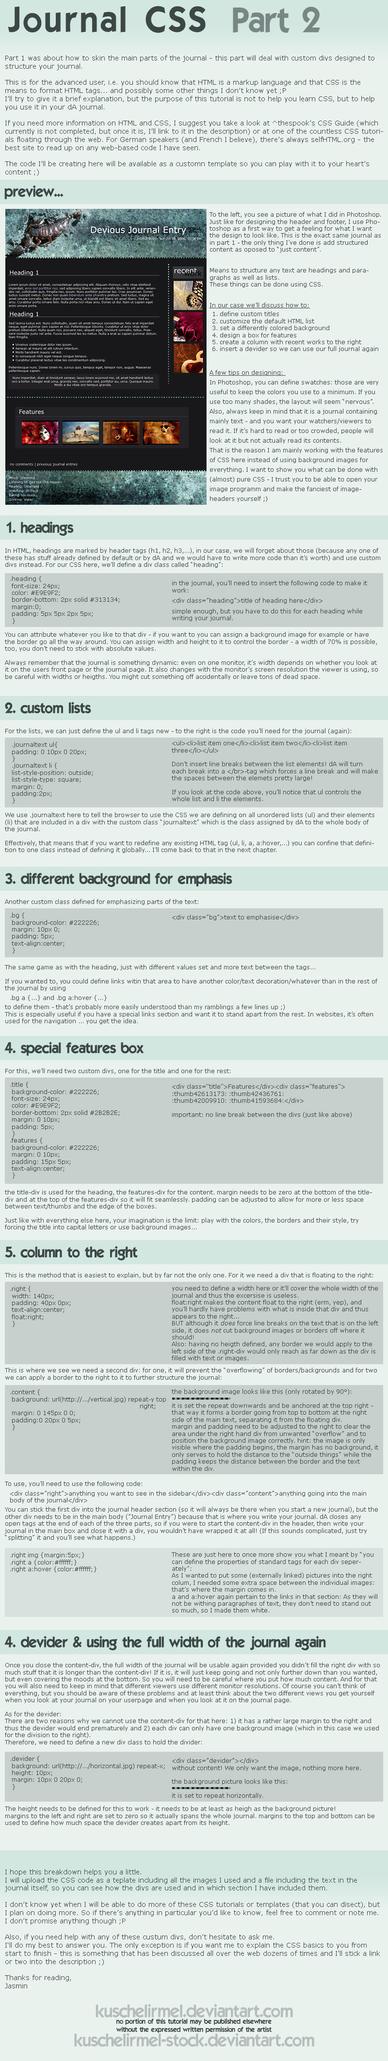 Journal CSS - Part 2 by kuschelirmel-stock